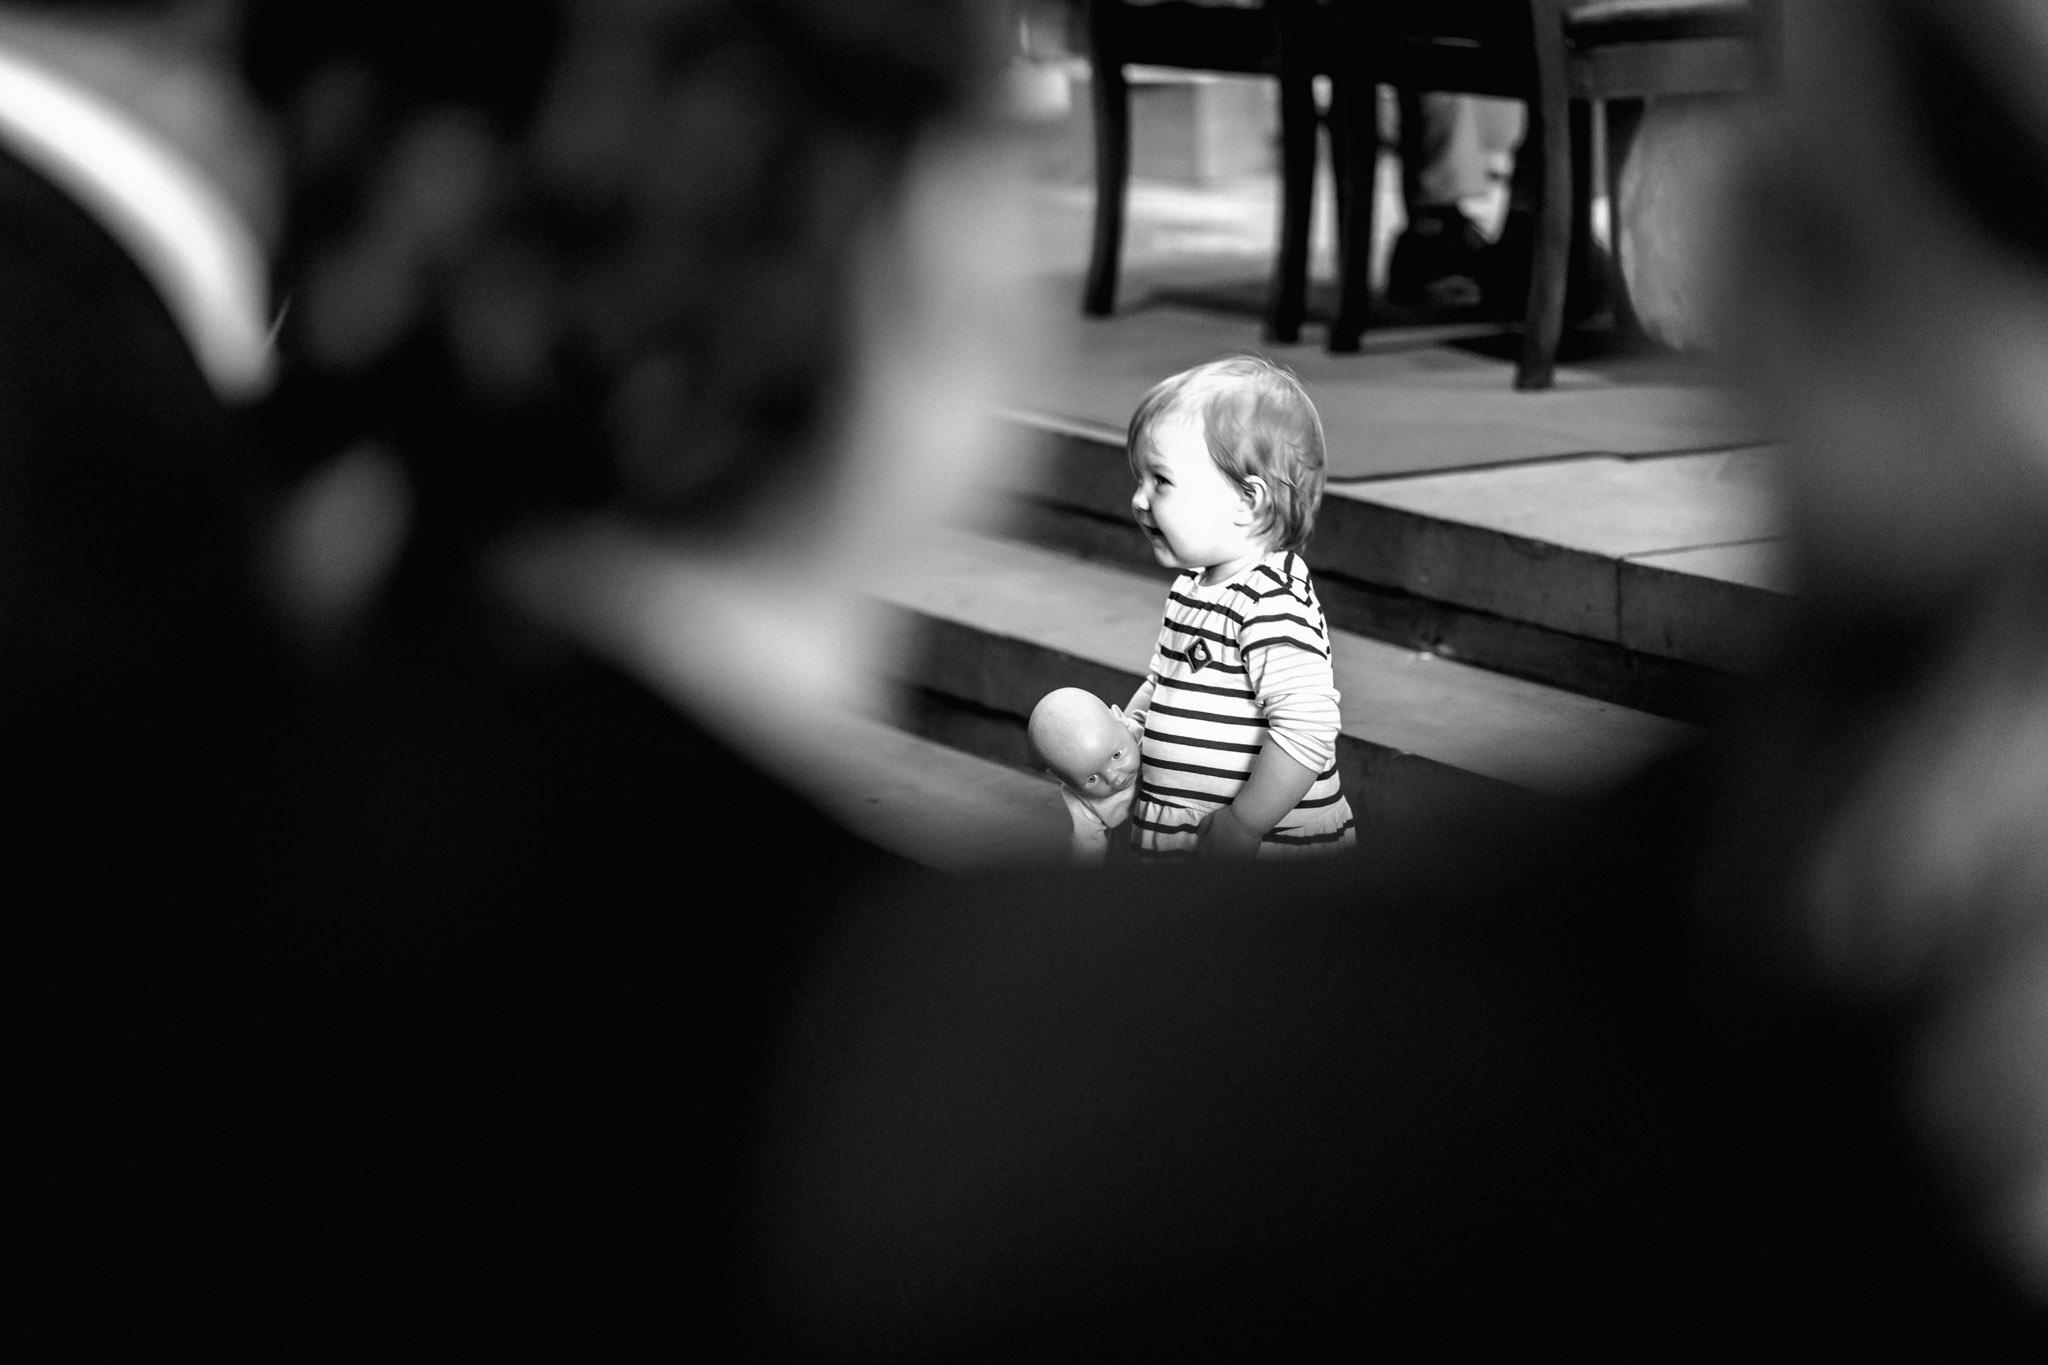 Sven Schomburg Hochzeitsfotografie, Hamburg, Mölln, Hochzeitsfieber by Photo-Schomburg, Hochzeitsreportage, Forsthaus Waldhusen, Braut, Bräutigam-33